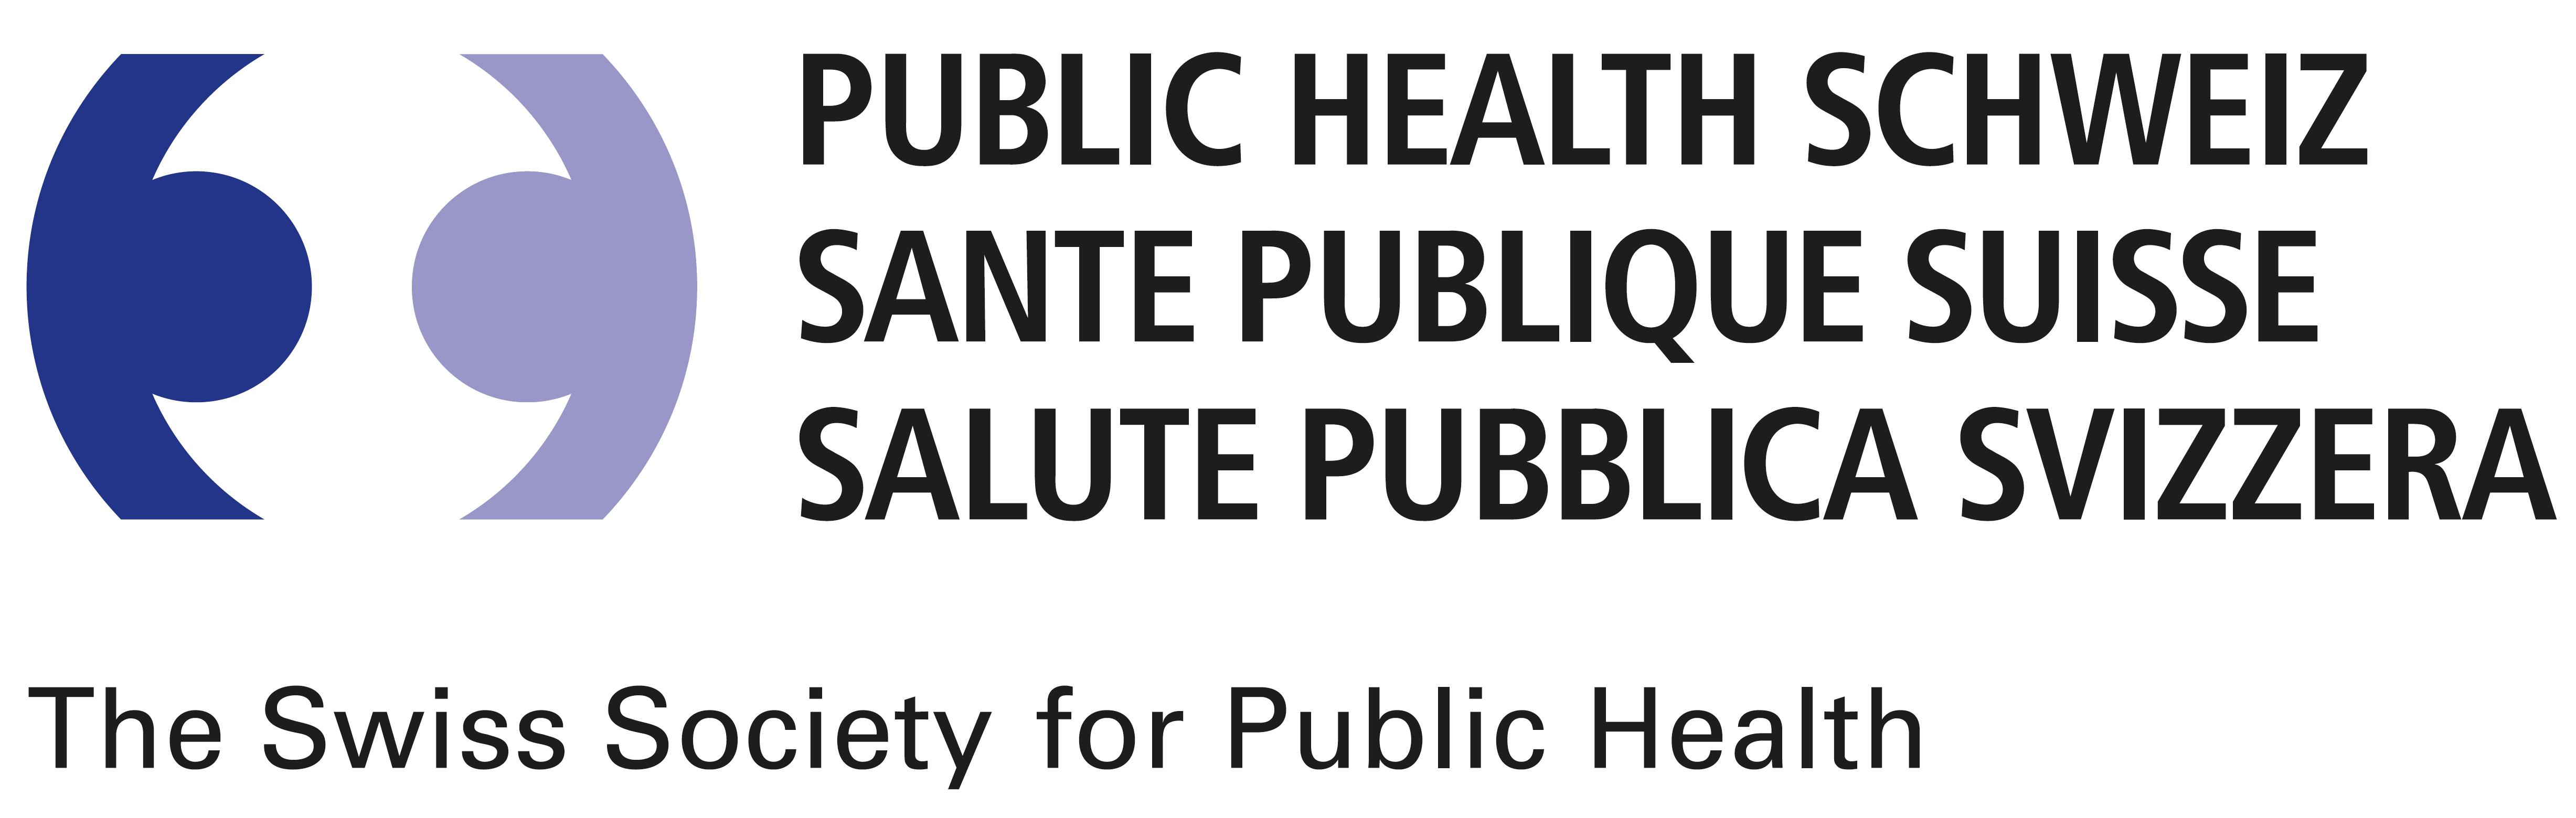 Logo Santé Publique Suisse – Conférence nationale sur la démence – Santé Publique Suisse – Alzheimer Suisse